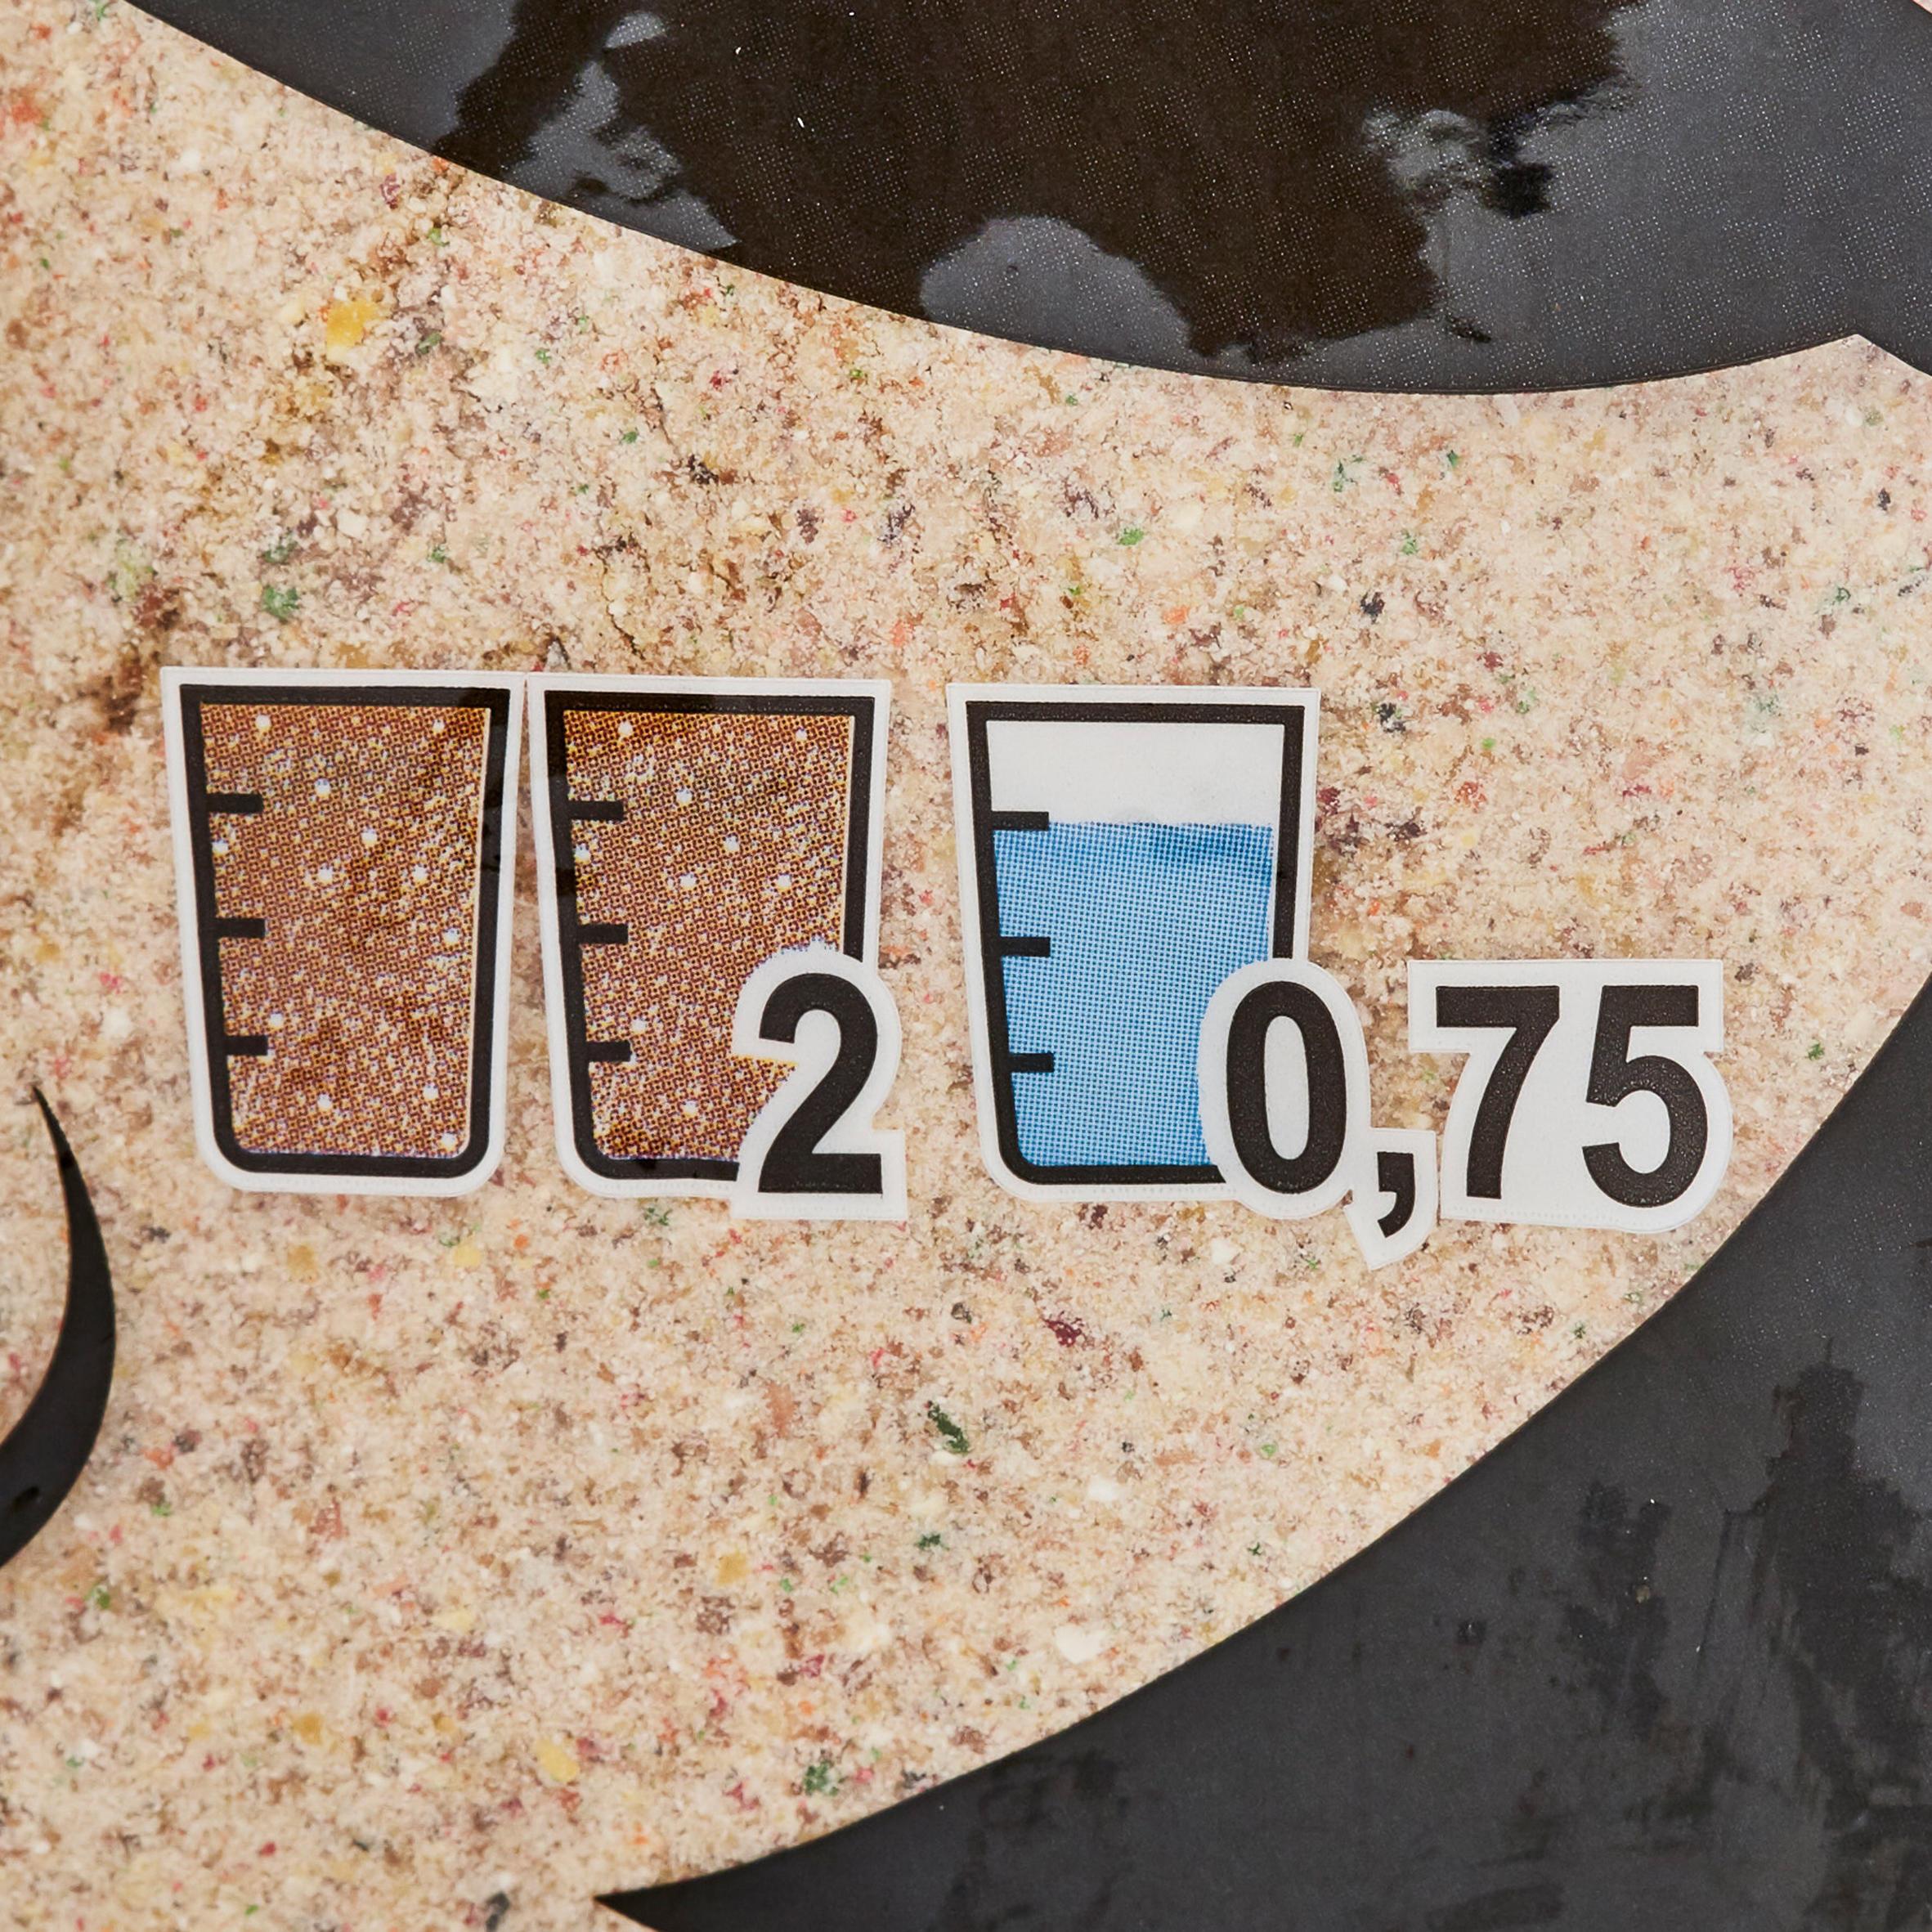 Amorce pêche au feeder GOOSTER CARP FEEDER 4,4 LIVRES